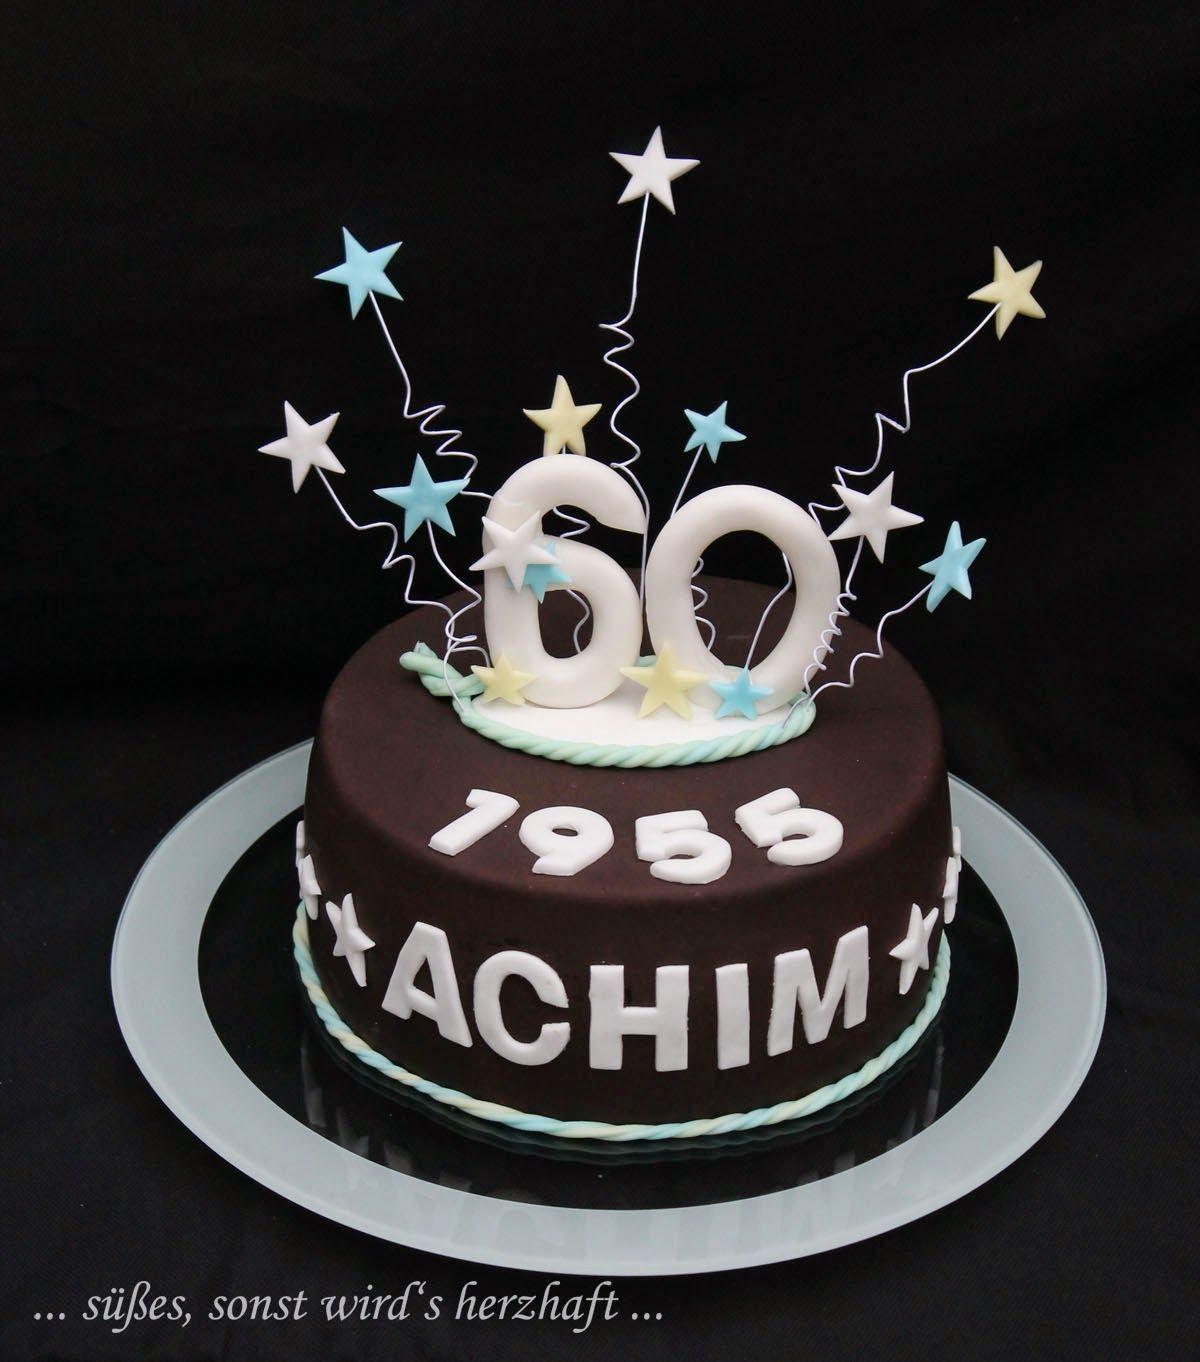 Geburtstagstorte 60  Torte zum Geburtstag Torte für Männer Torte zum 60